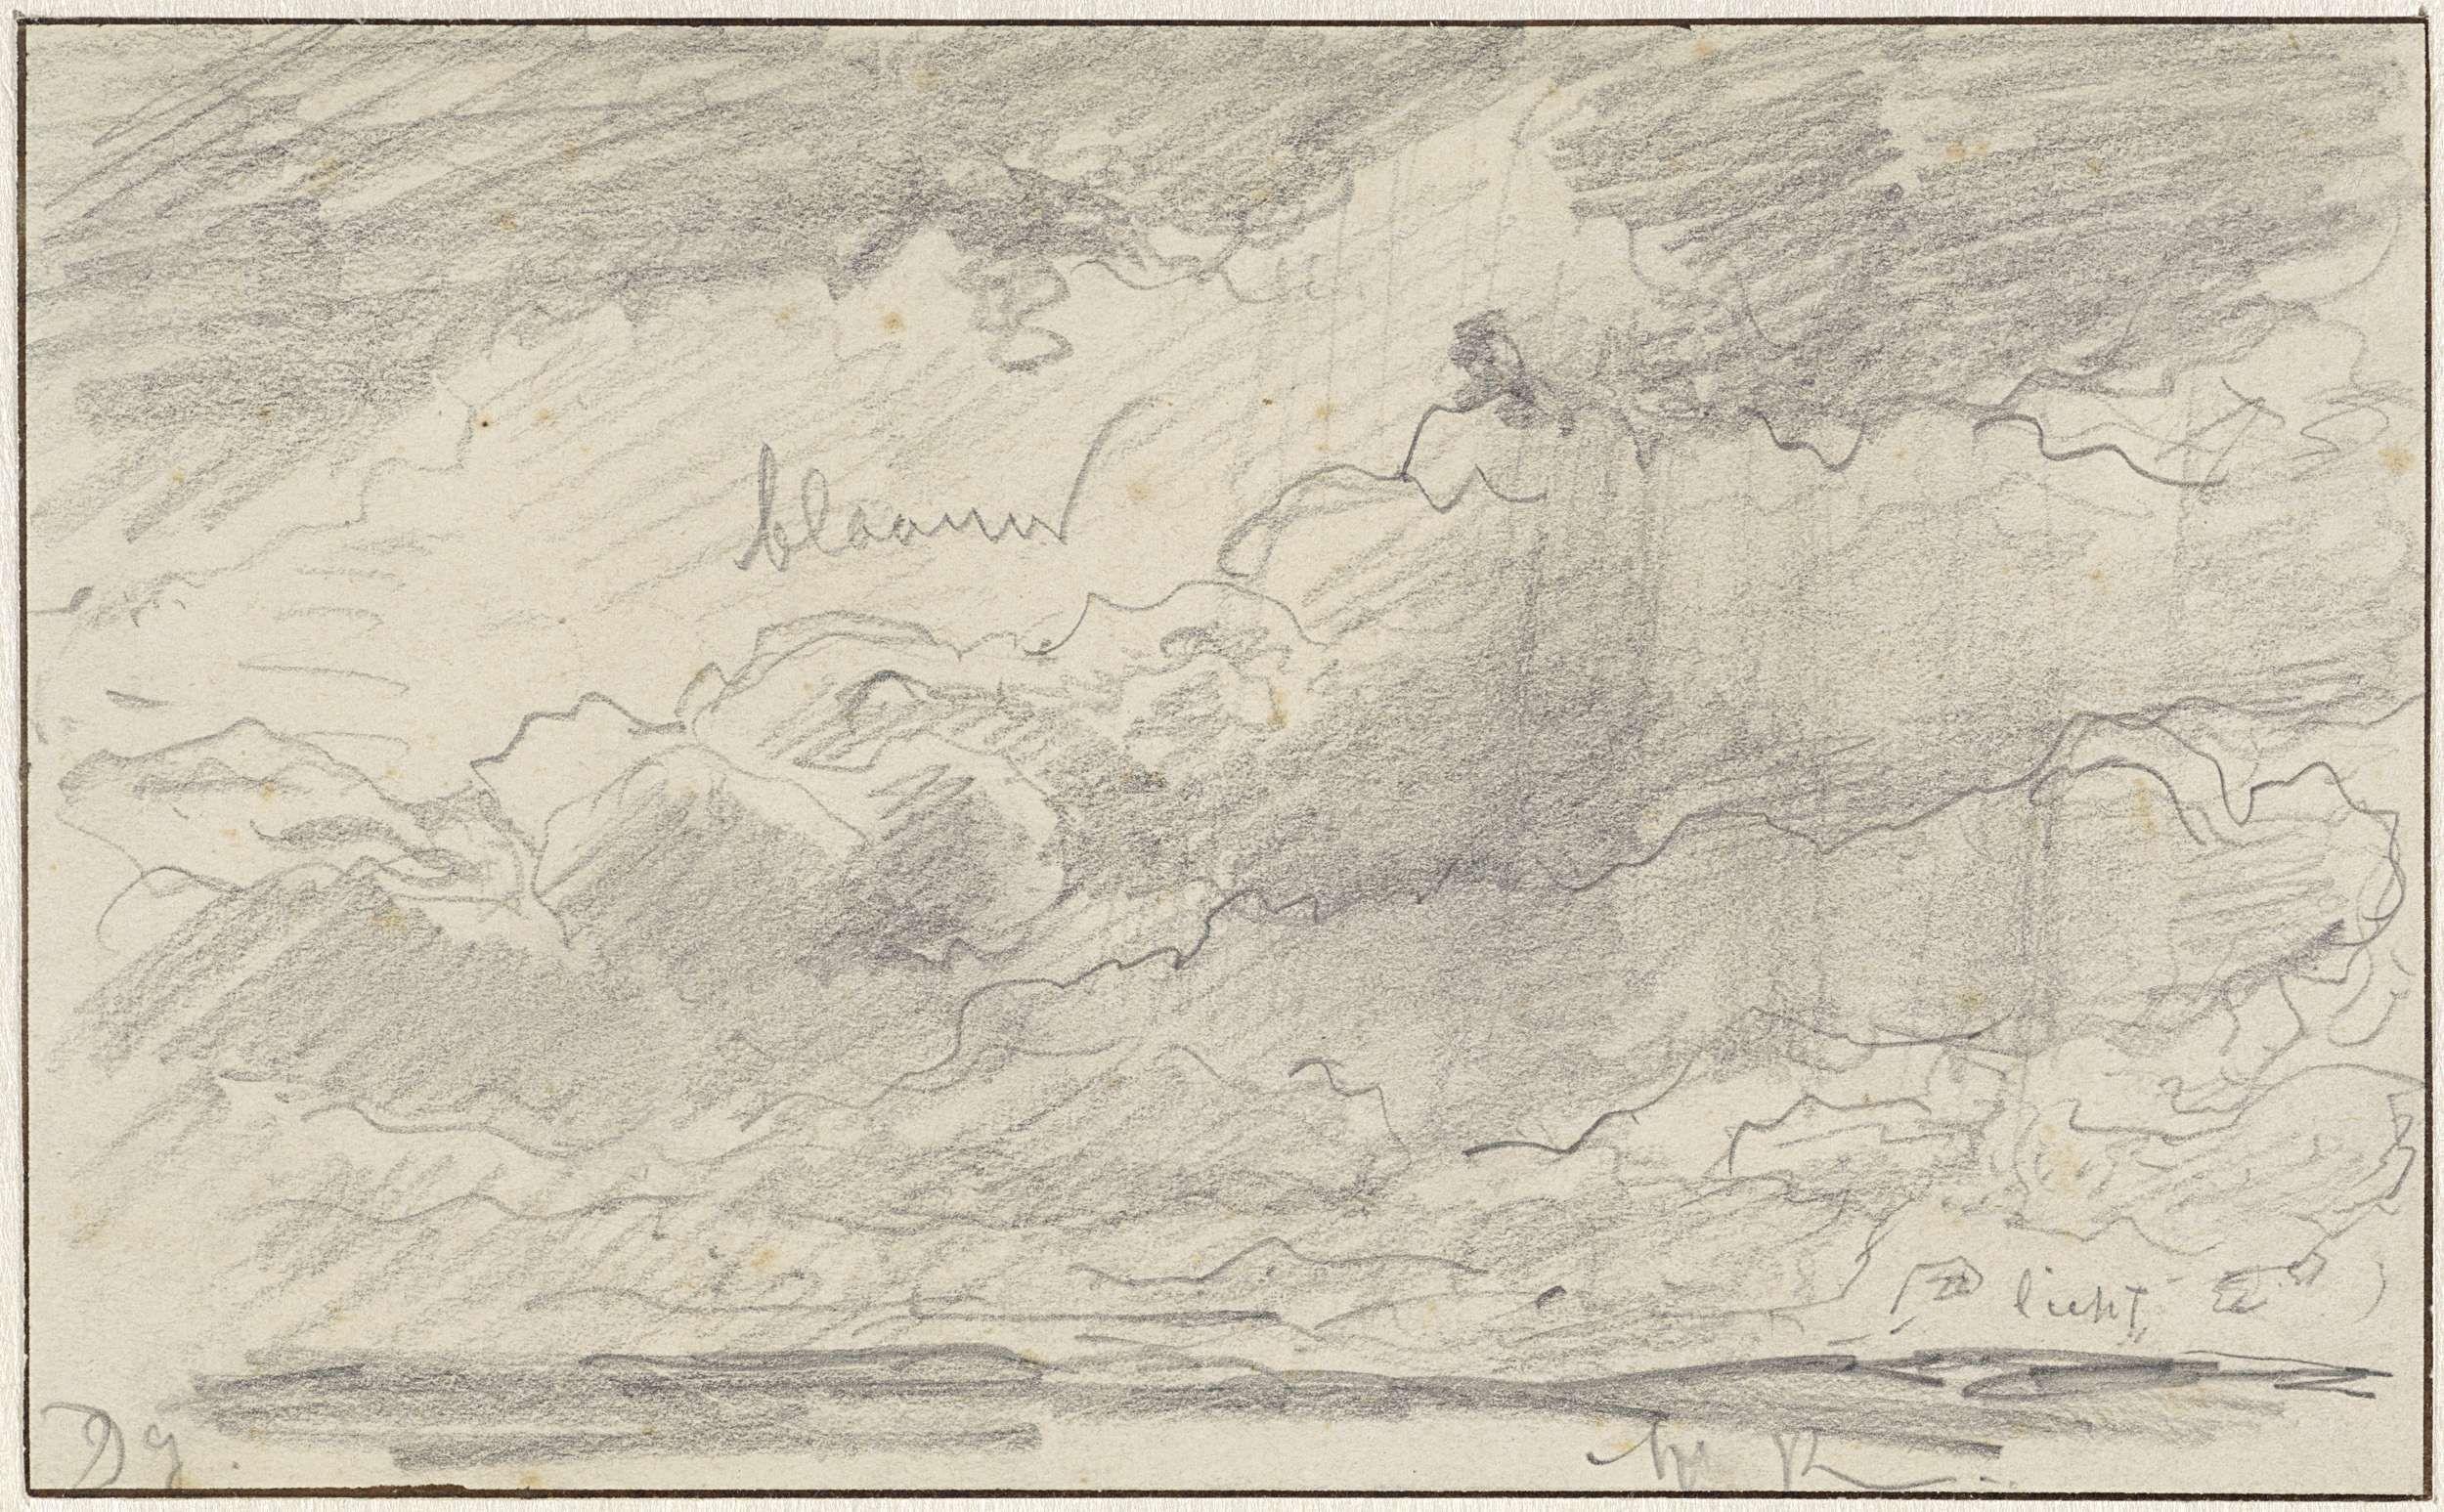 Willem Roelofs (I) | Studie van een wolkenlucht, Willem Roelofs (I), 1832 - 1897 | Studie van een wolkenlucht, met kleuraanduidingen.